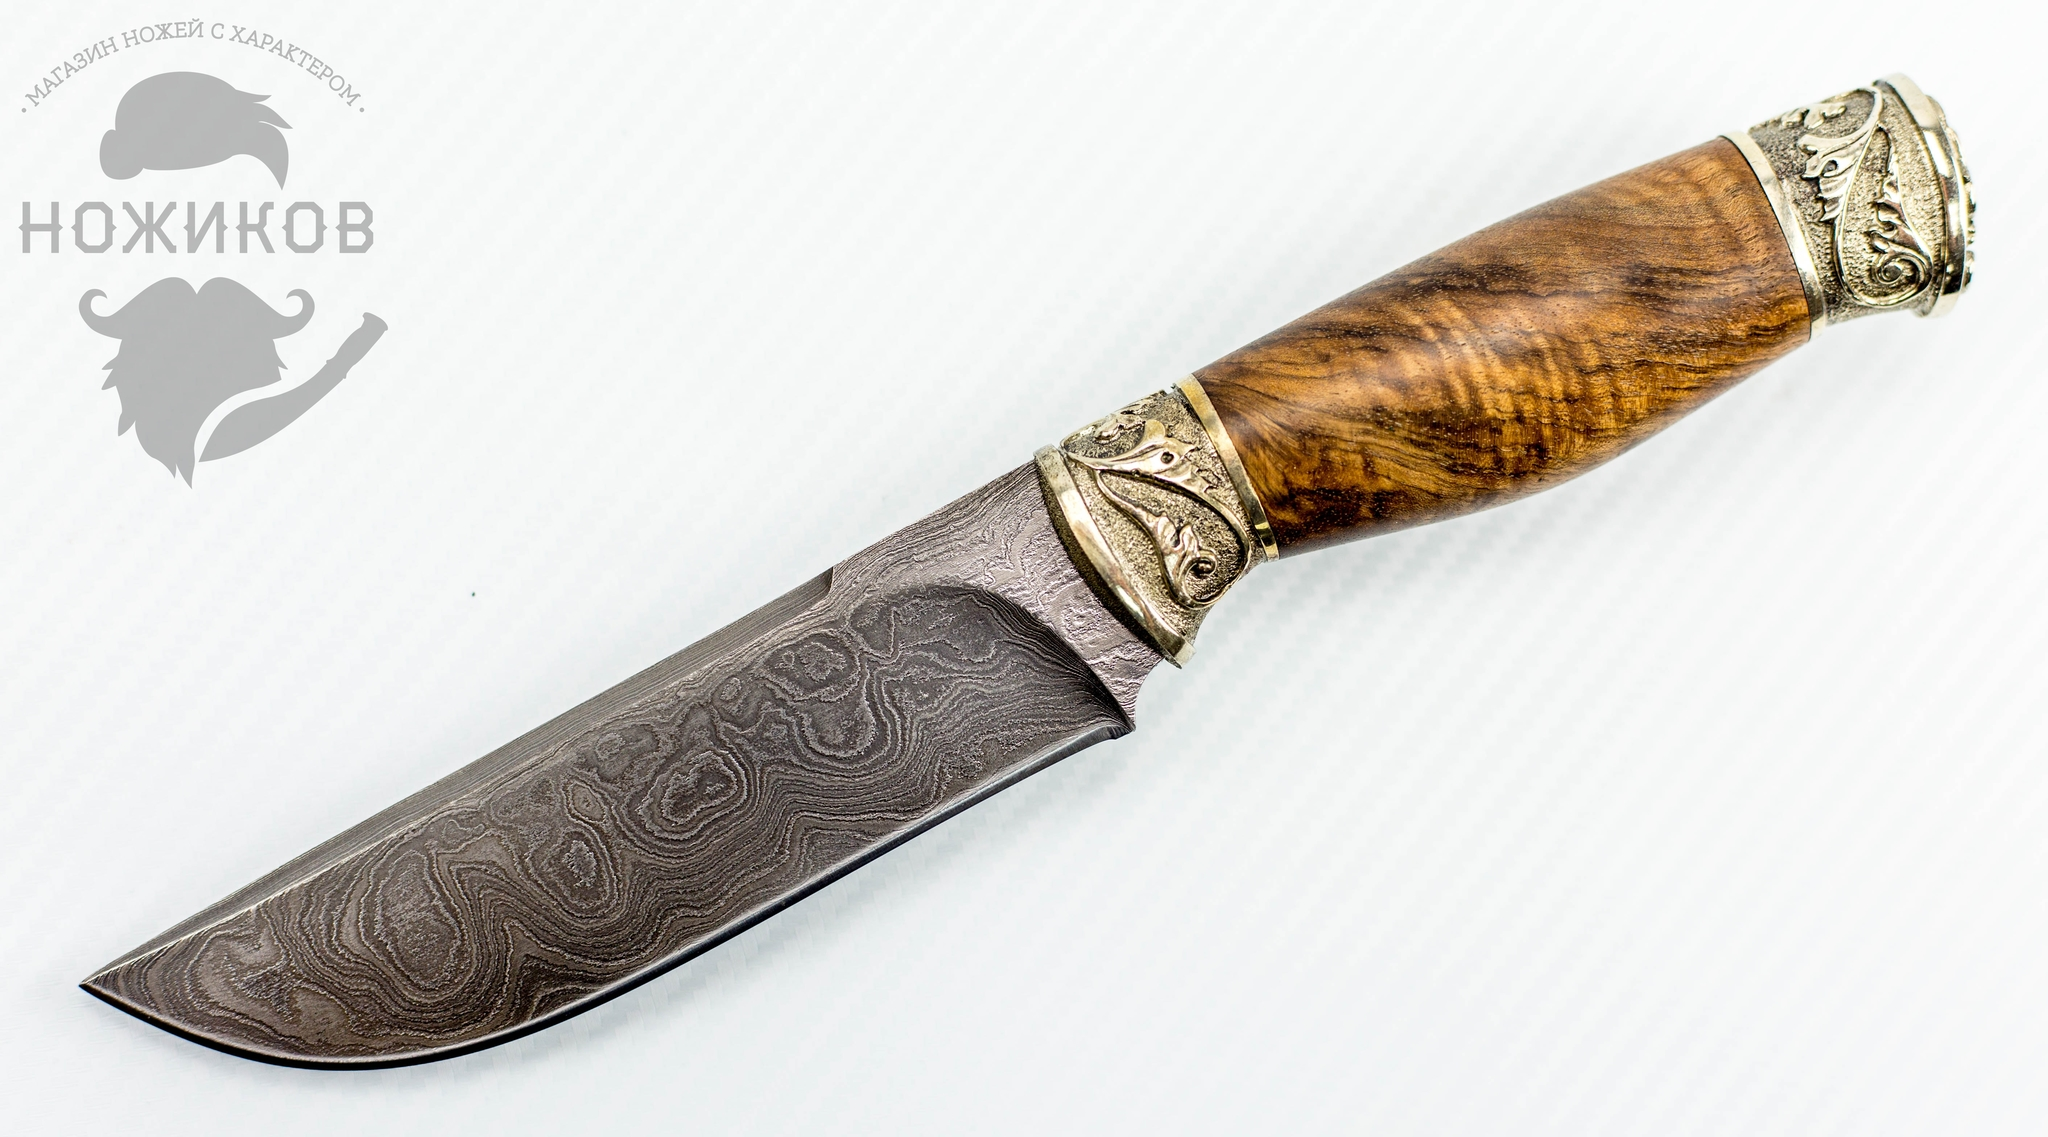 Авторский Нож из Дамаска №75, Кизляр авторский нож из дамаска 4 кизляр